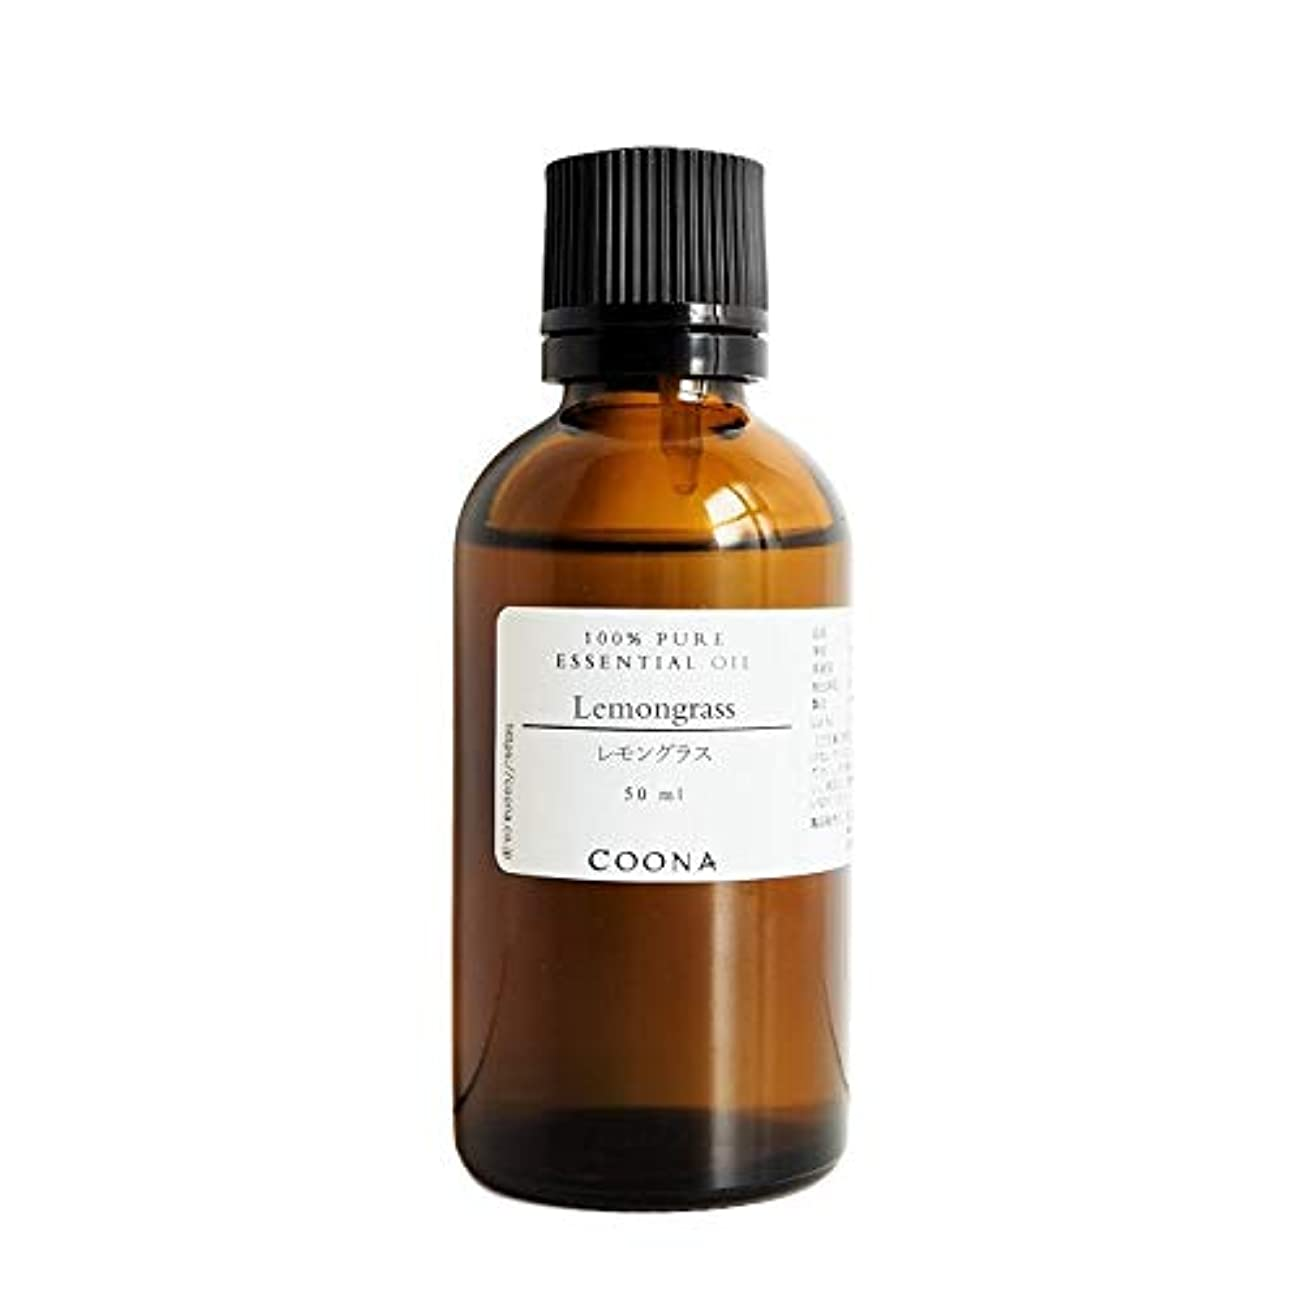 先祖素子計り知れないレモングラス 50 ml (COONA エッセンシャルオイル アロマオイル 100%天然植物精油)